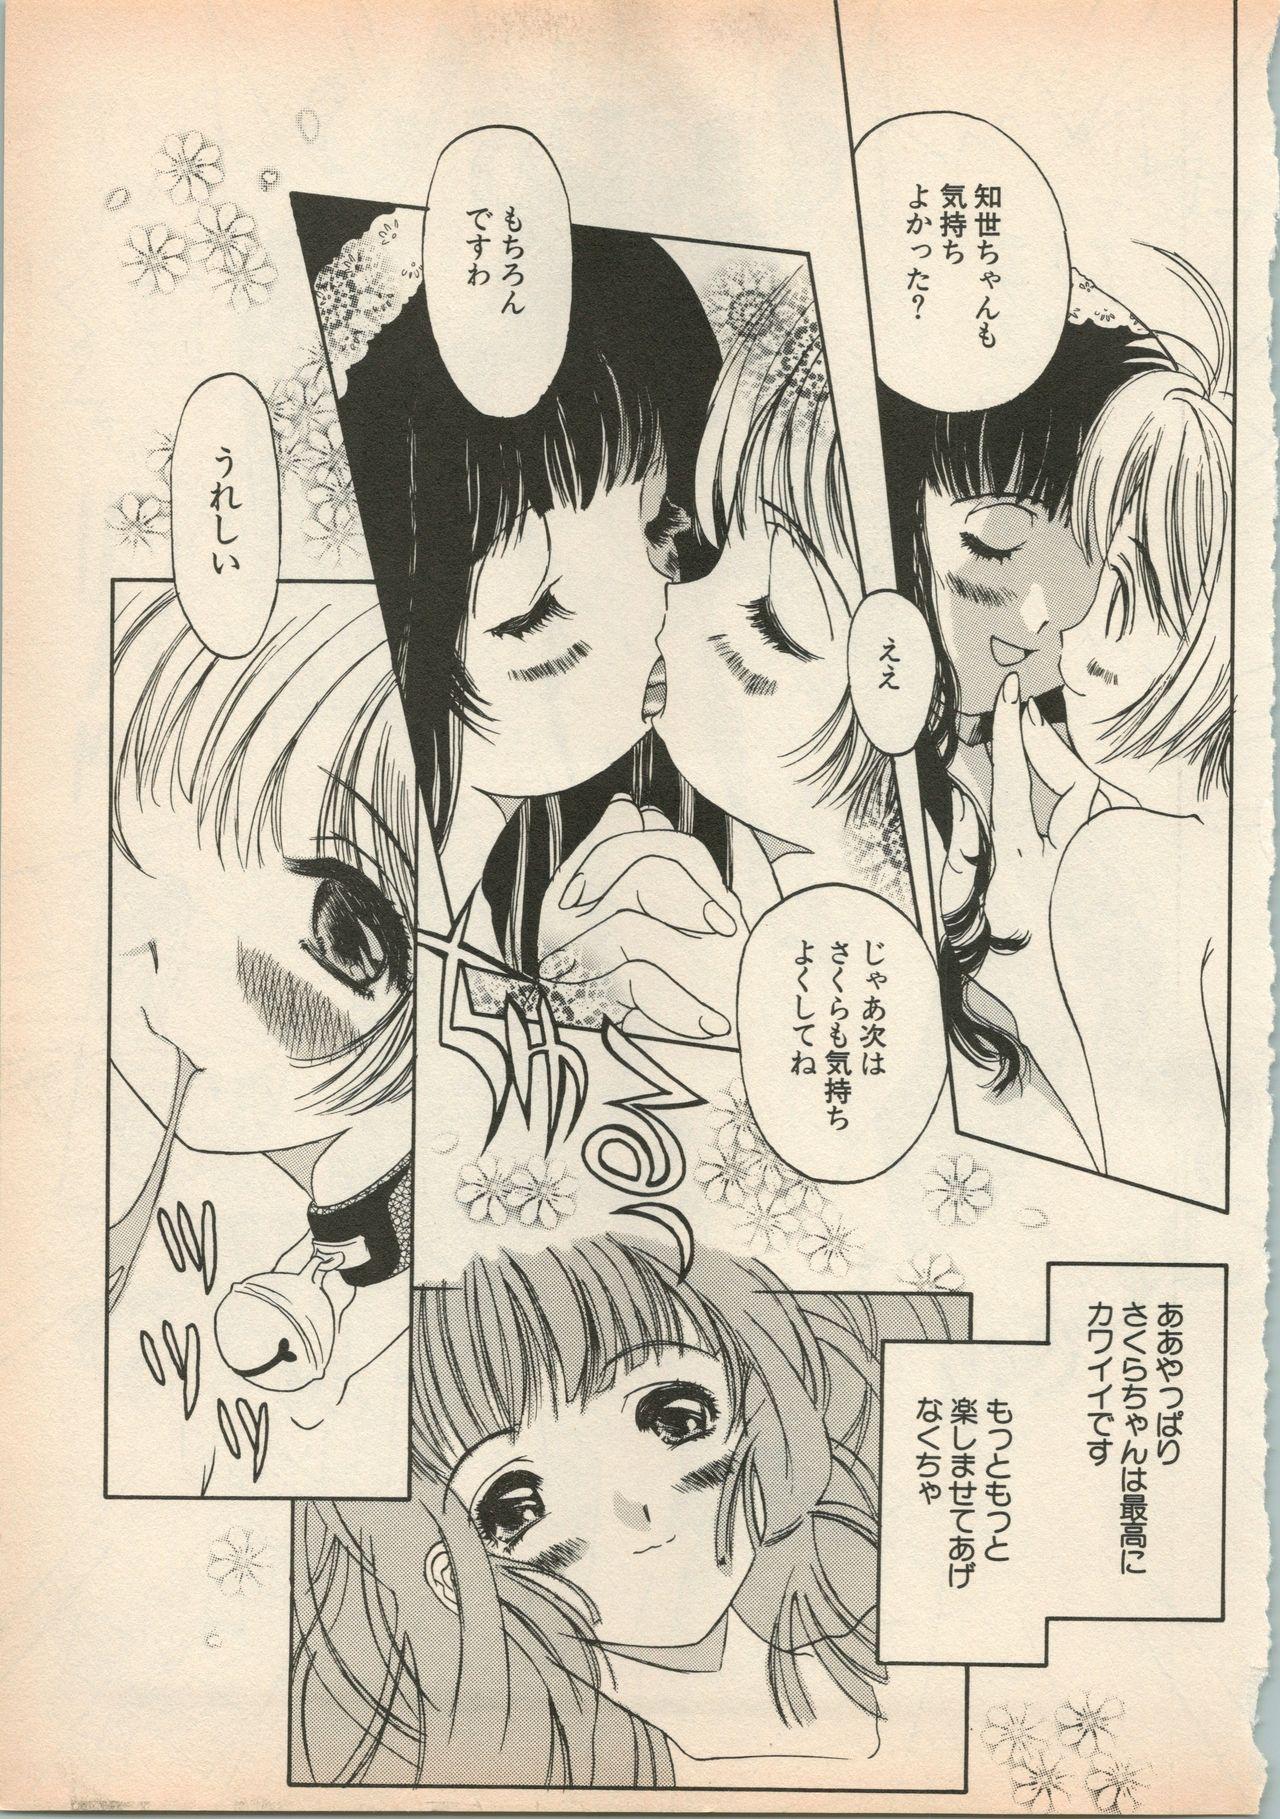 Shin Bishoujo Shoukougun 5 Fukkatsu hen 97